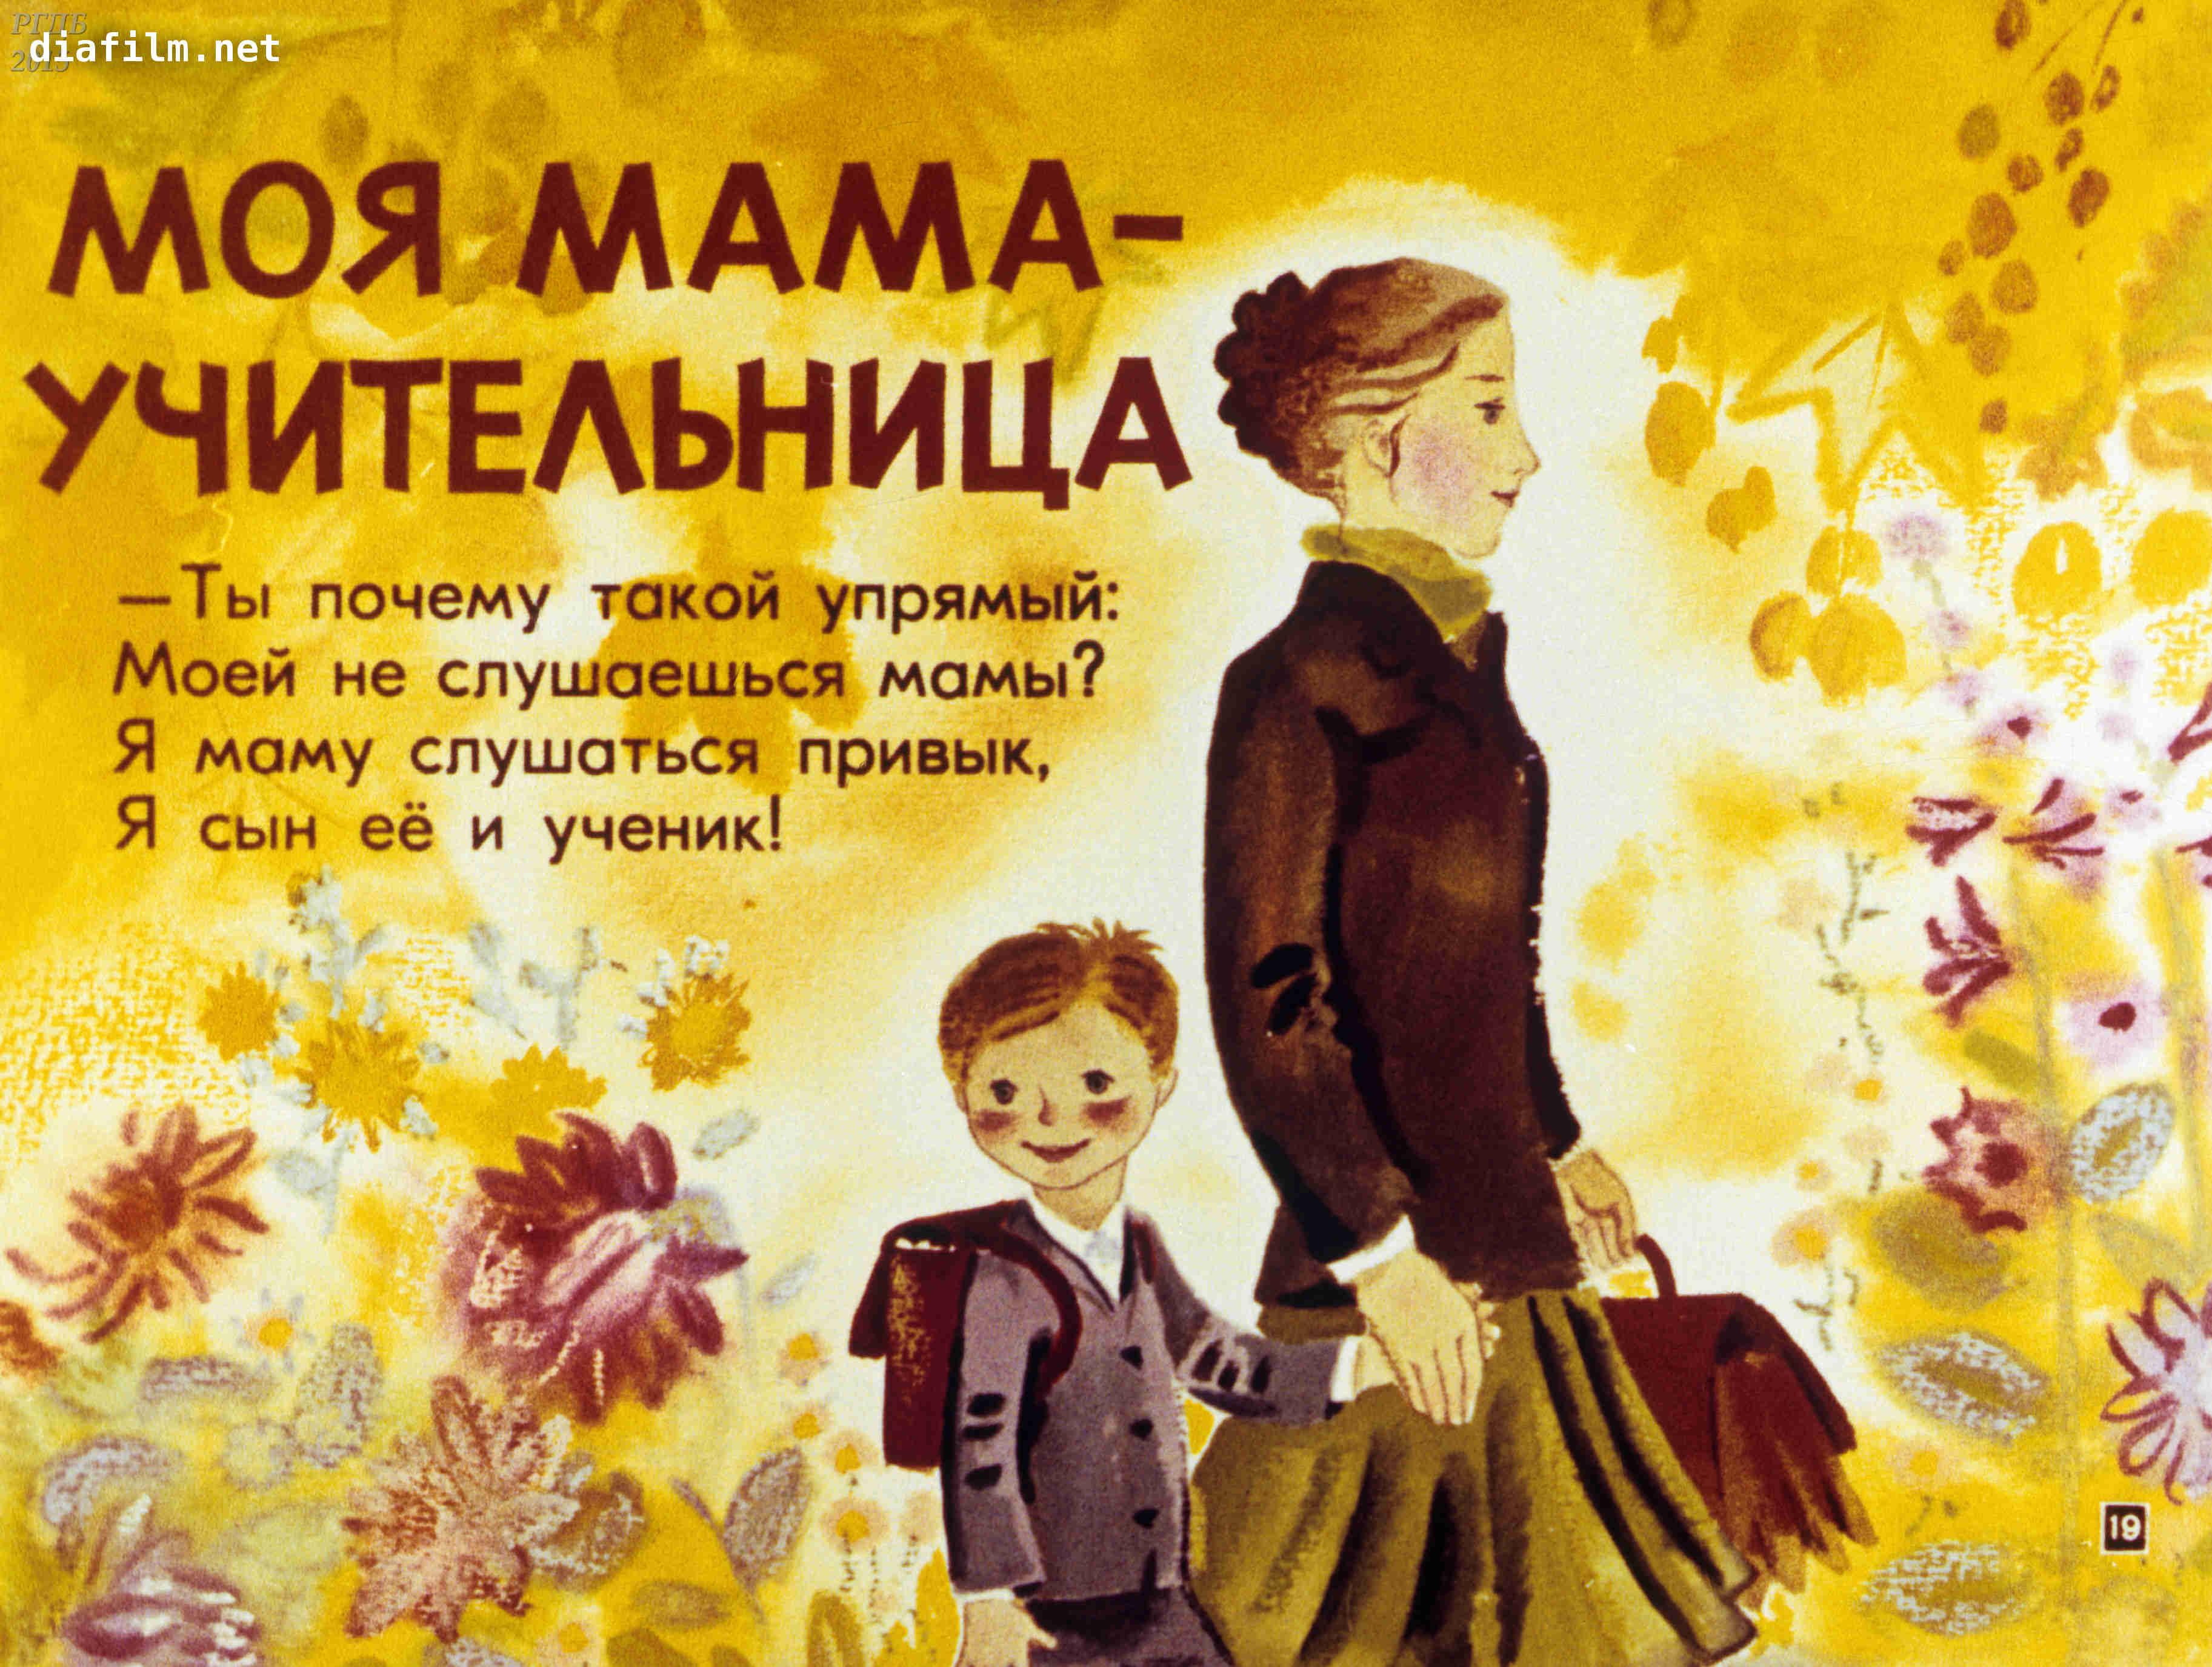 Поздравительные, картинки с днем учителя для мамы